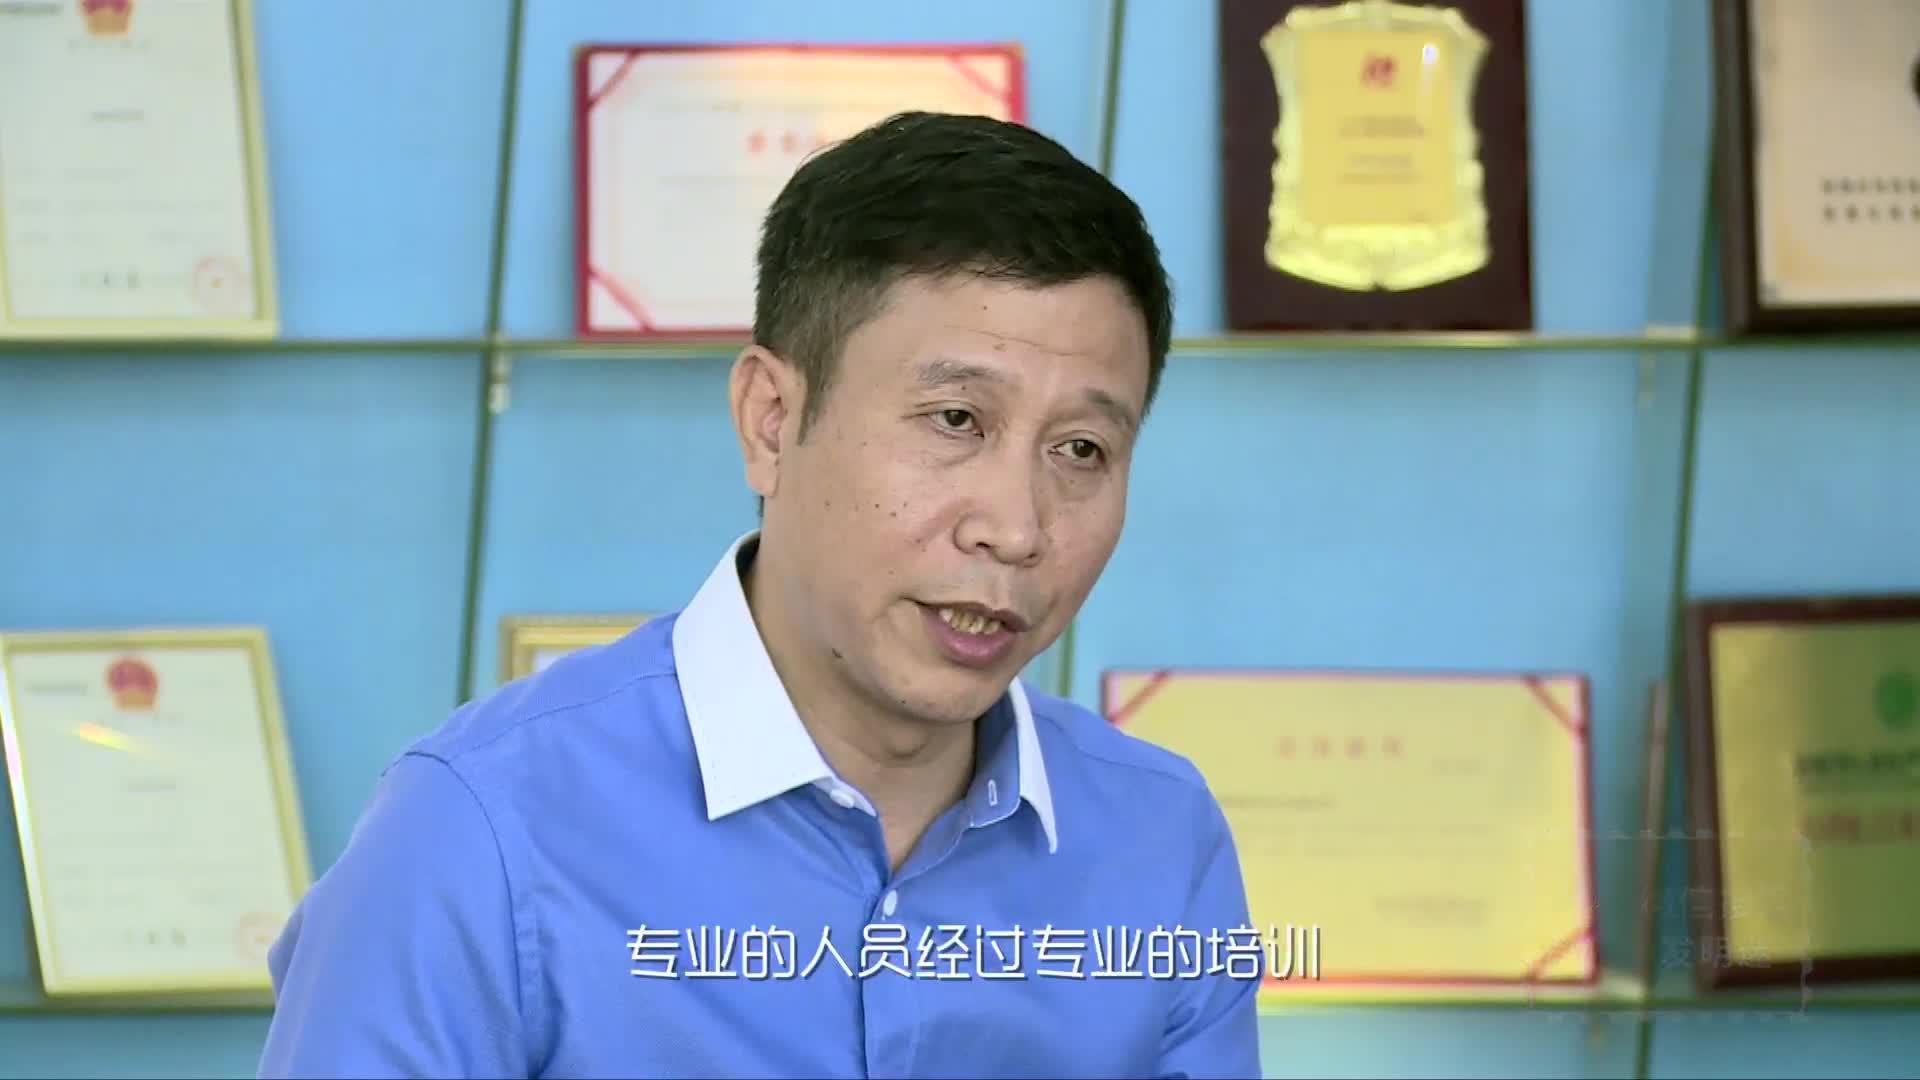 70后最强技术男让海水可以喝,世界第一位,专利估值8个亿                海水终于可以喝了,这个中国小伙要火了,又多了一家上市公司